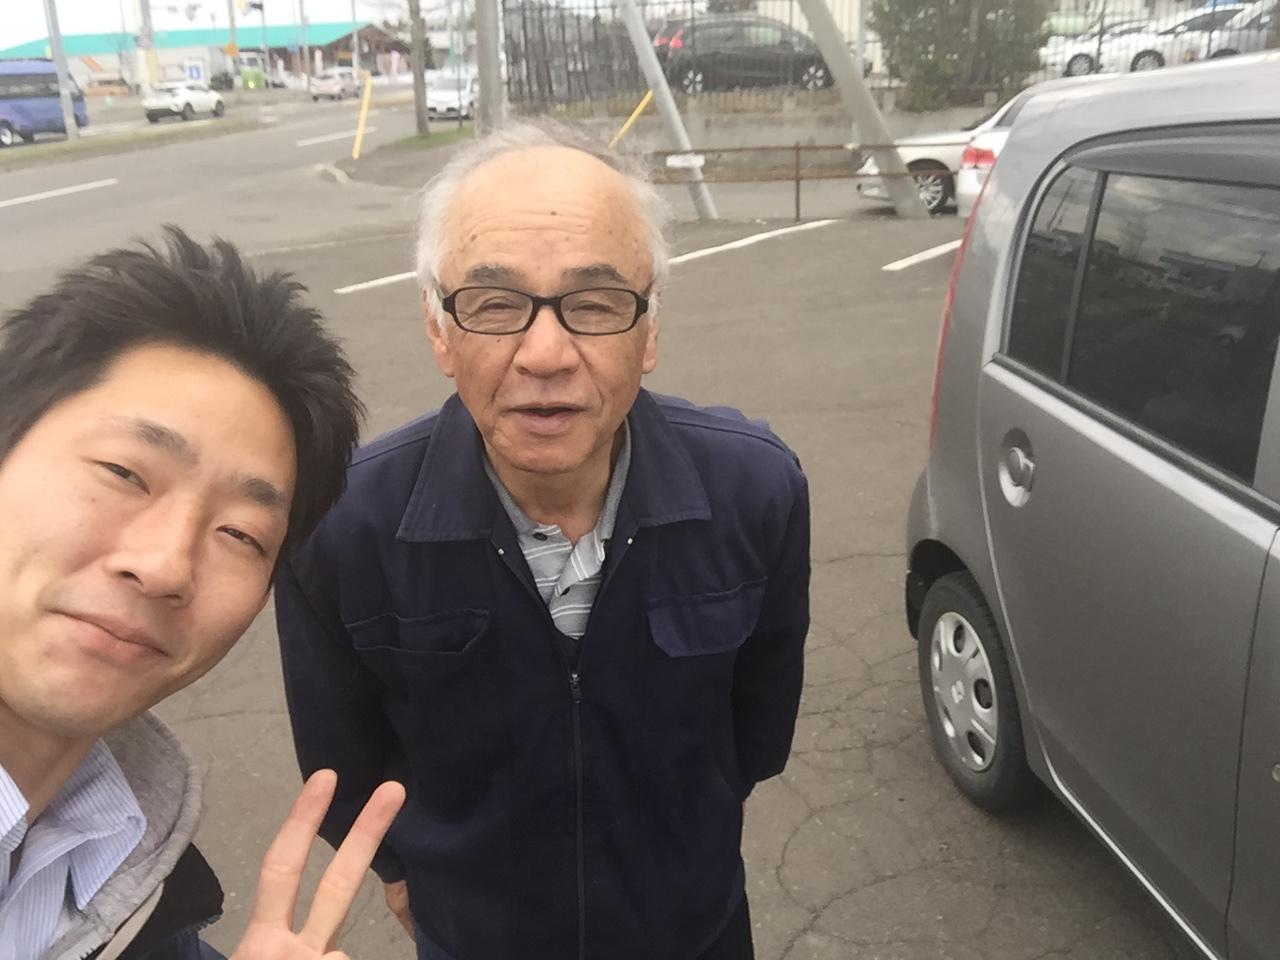 4月28日(金)☆TOMMYアウトレット☆あゆブログ(*´∀`)v ekワゴンH様納車☆ハイエースK社様☆_b0127002_18372137.jpg